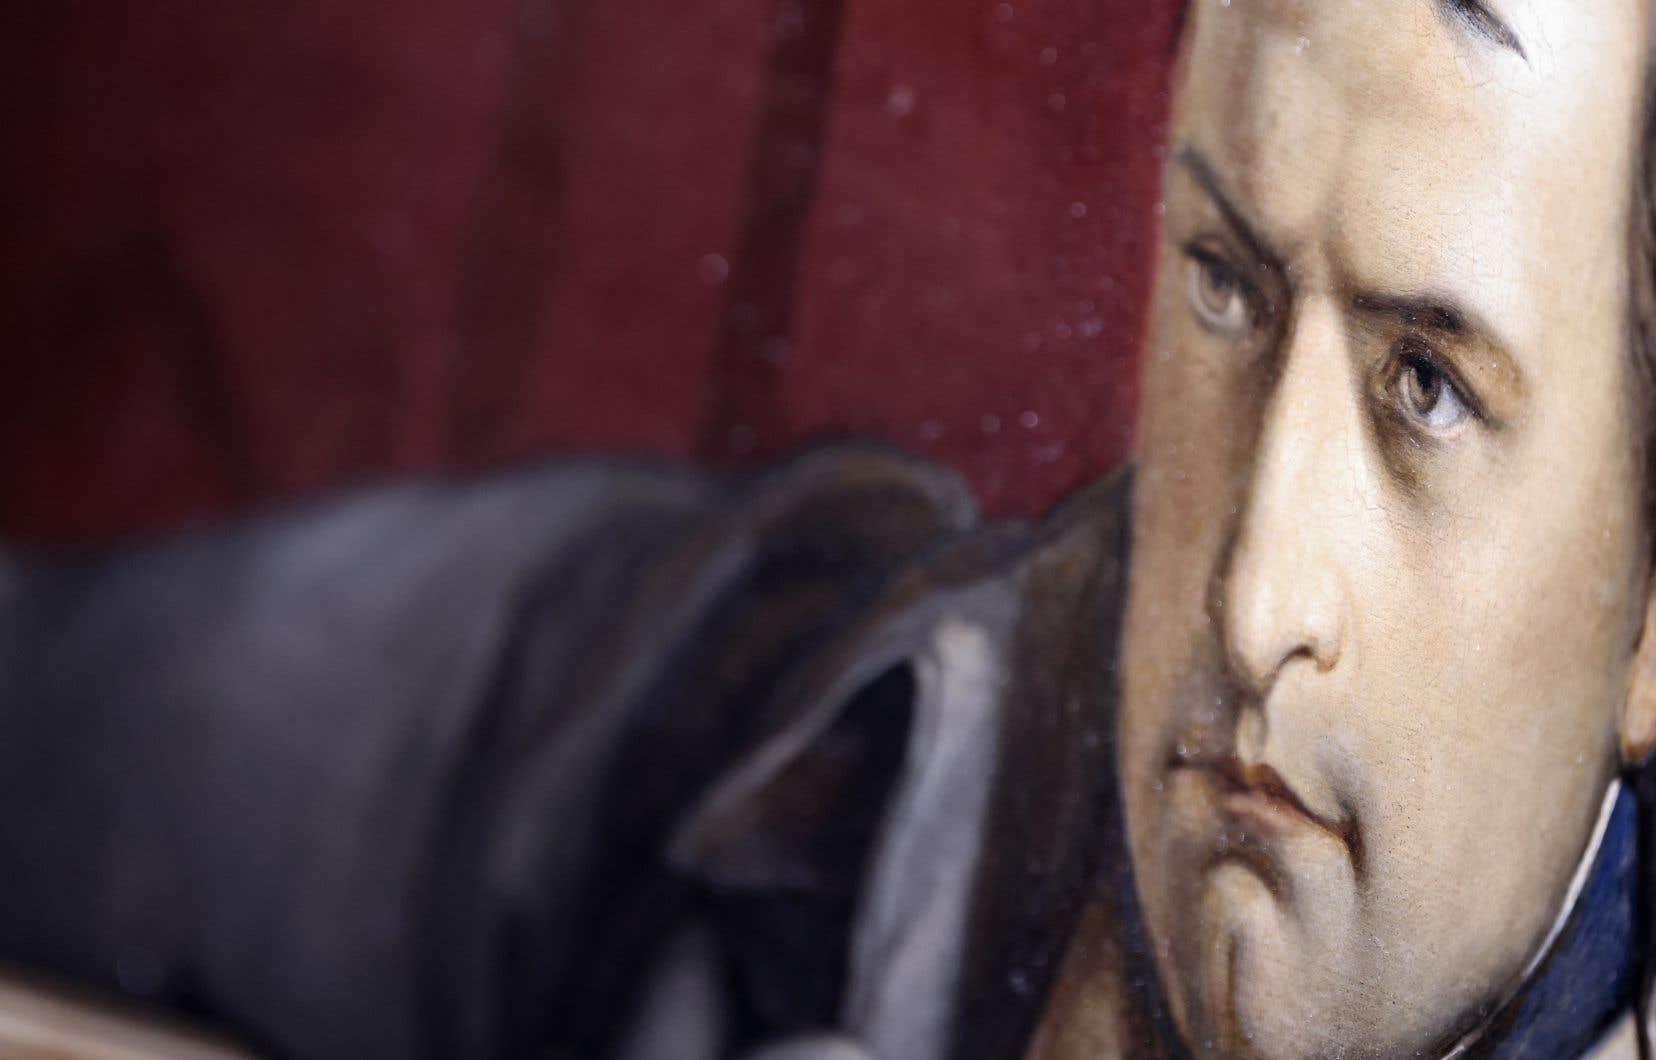 «Napoléon est un personnage unique dans l'histoire occidentale. Son souvenir reste toujours vivace parce que son image et son histoire réussissent à s'adapter aux conditions changeantes du temps», écrit l'auteur.